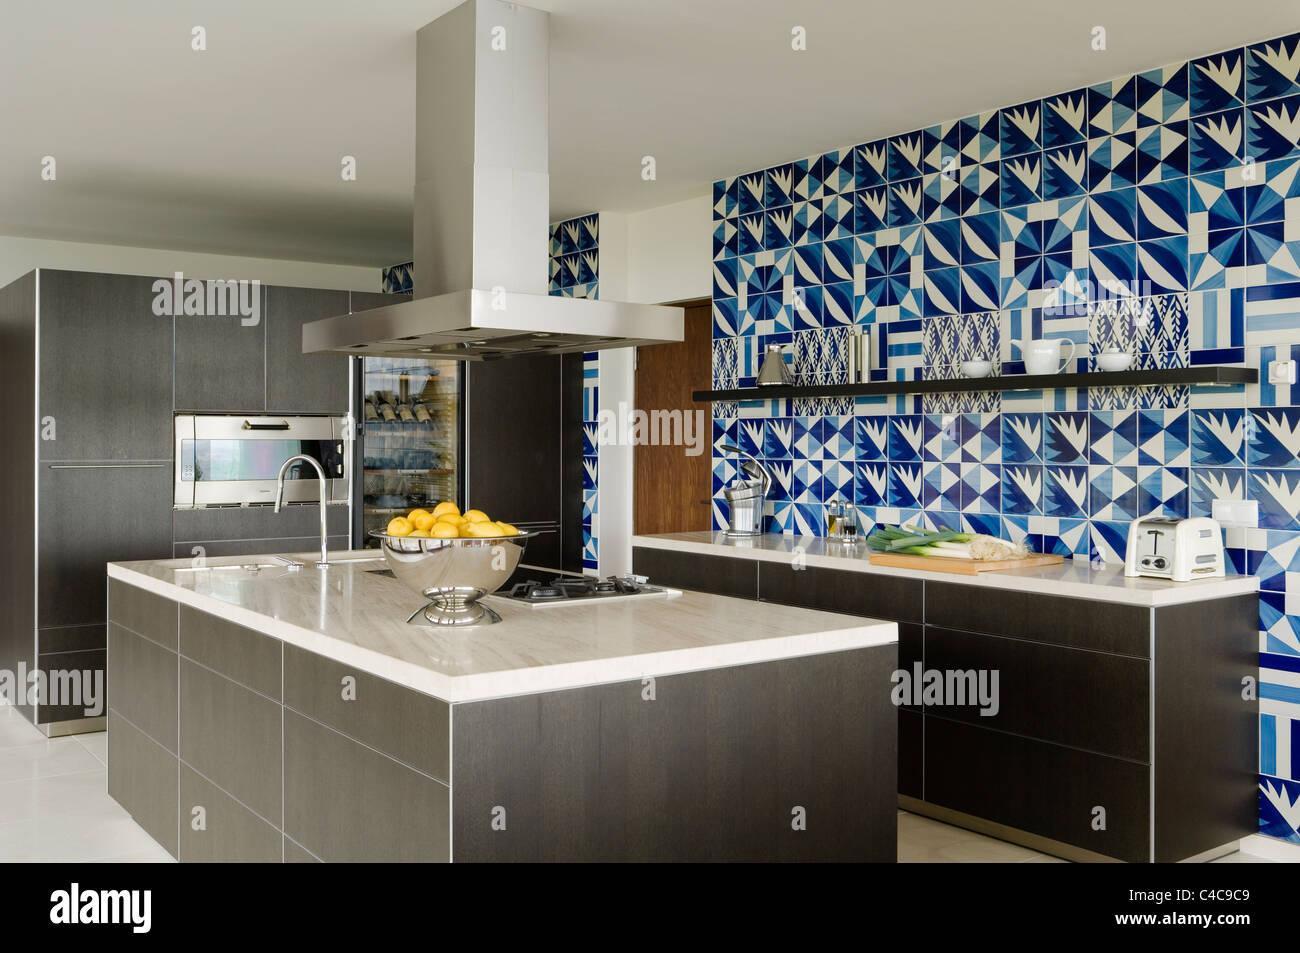 Grigio scuro rovere cucina bulthaup con blu e piastrelle bianche in